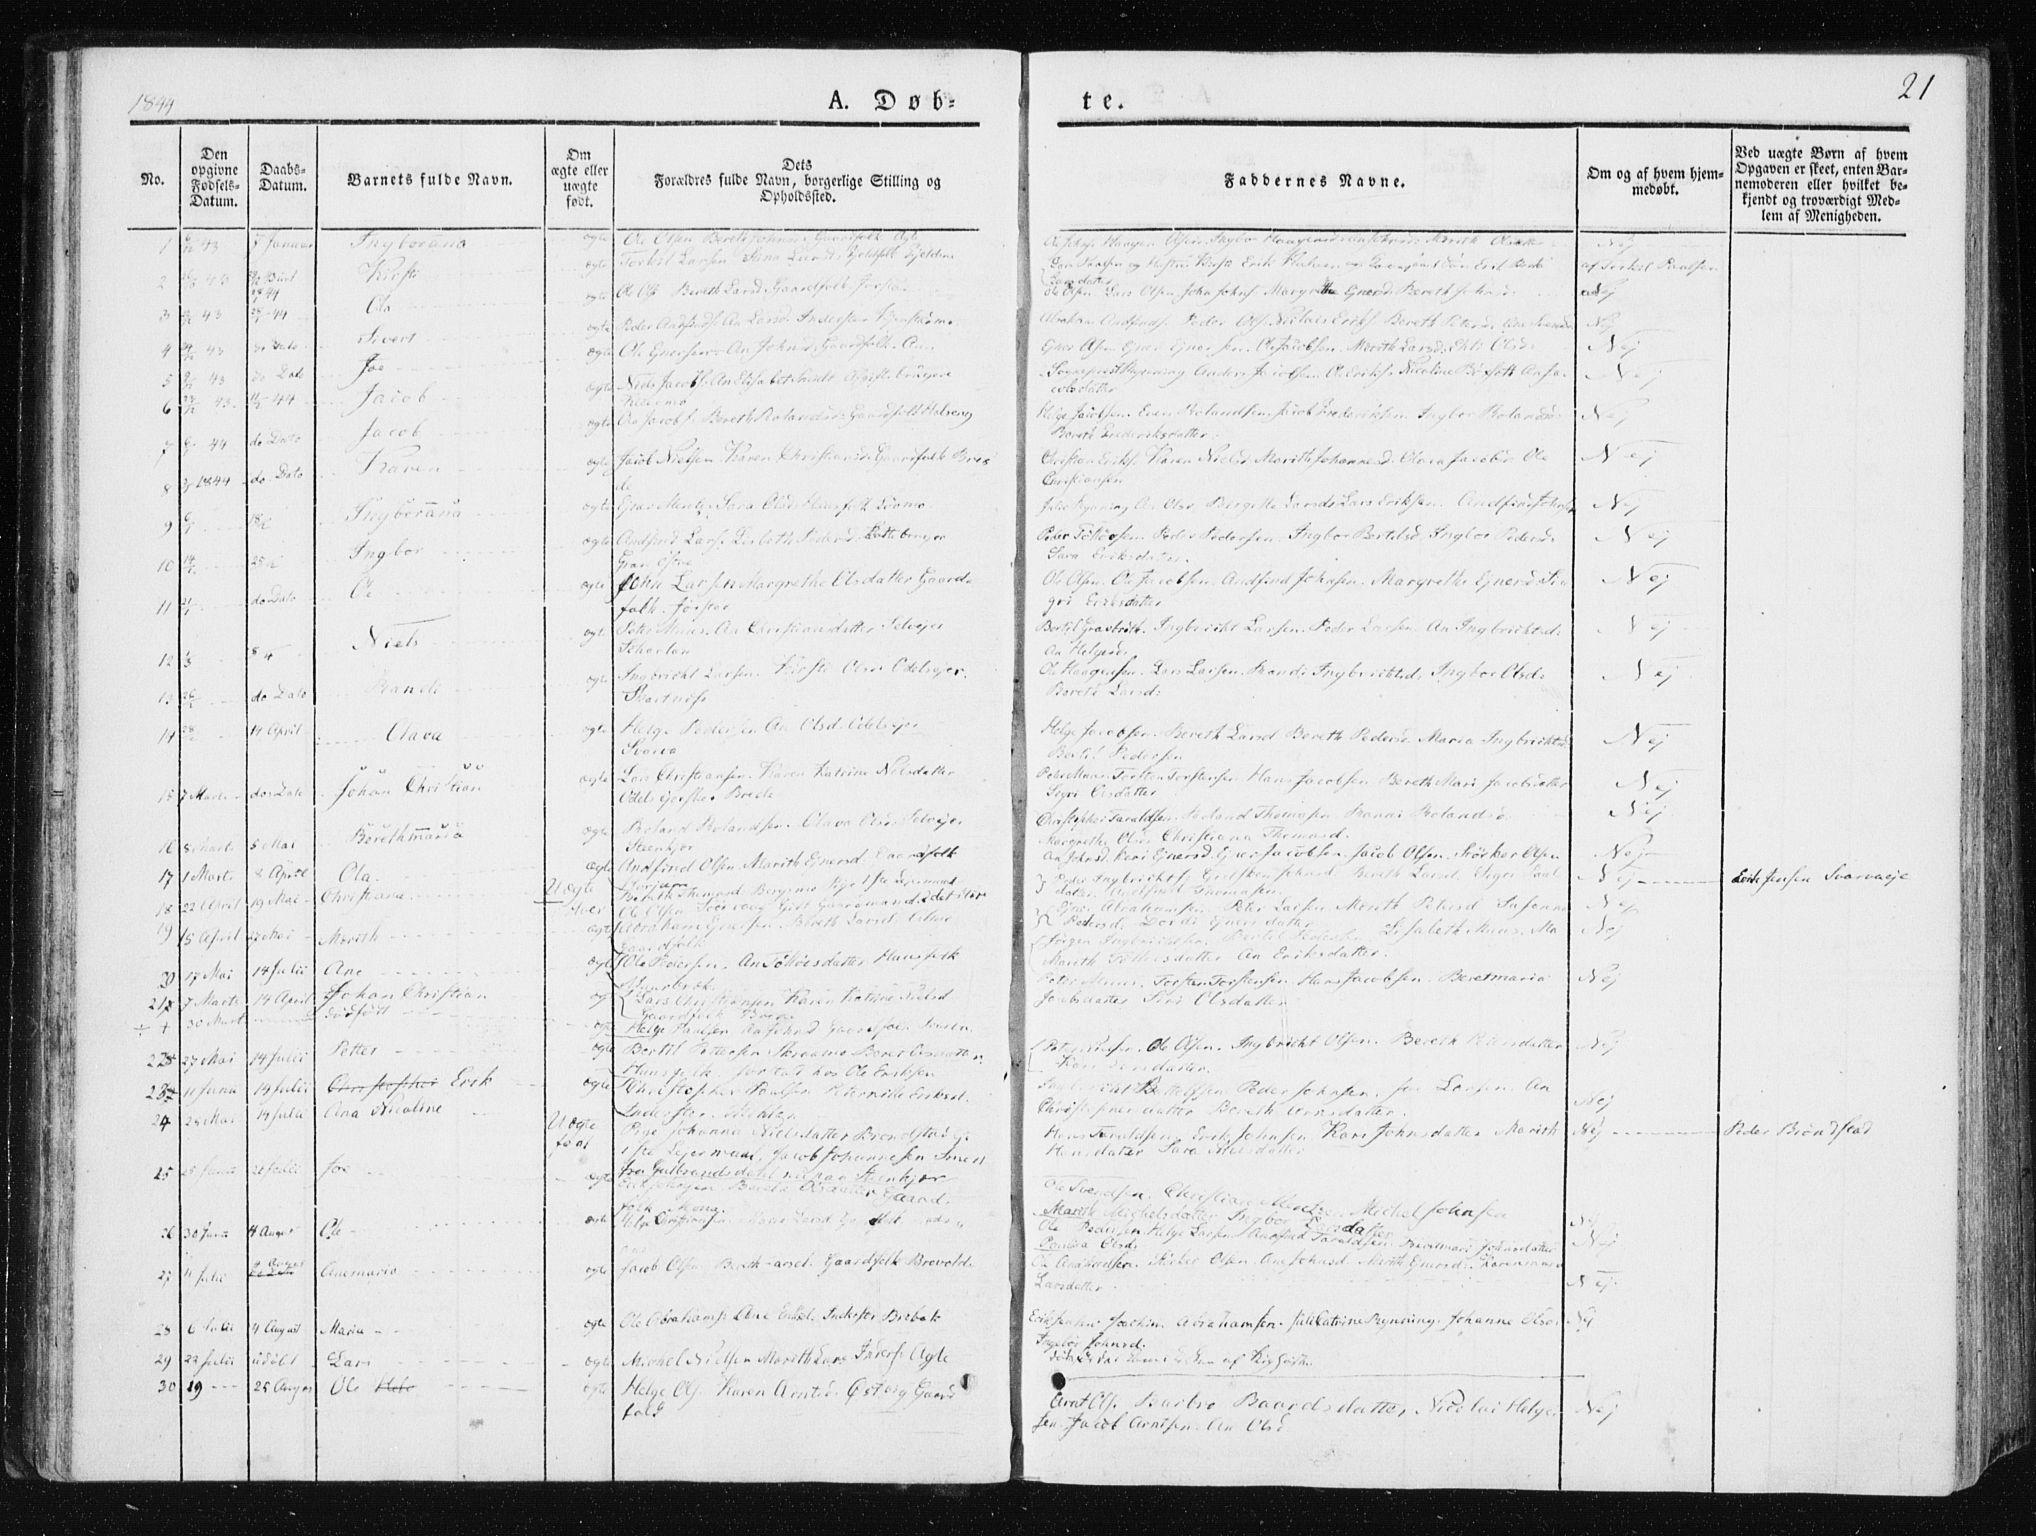 SAT, Ministerialprotokoller, klokkerbøker og fødselsregistre - Nord-Trøndelag, 749/L0470: Ministerialbok nr. 749A04, 1834-1853, s. 21